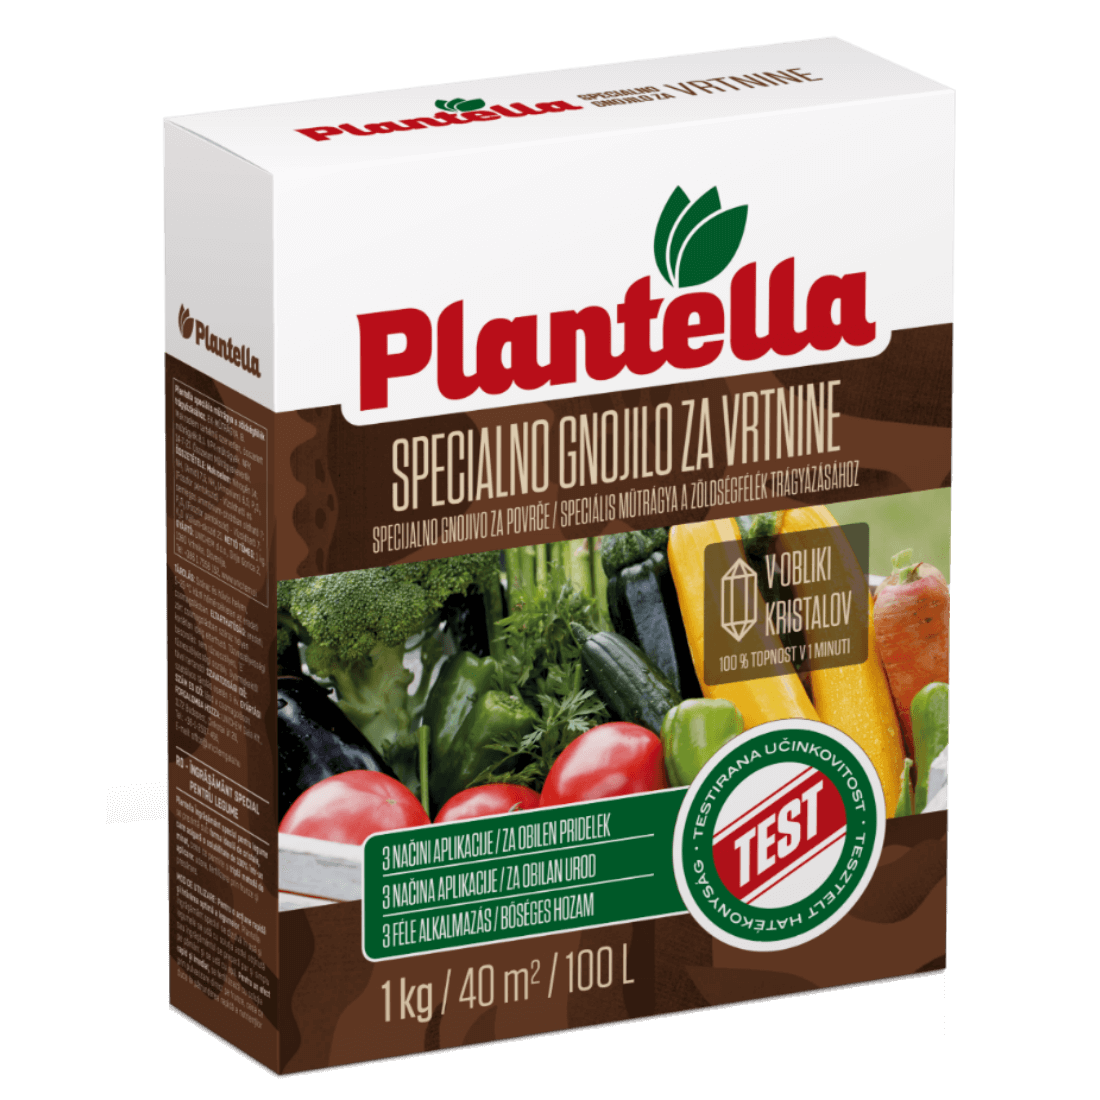 Plantella_Specialno-gnojilo-vrtnine-zelenjava_1kg_SI-HR-HU